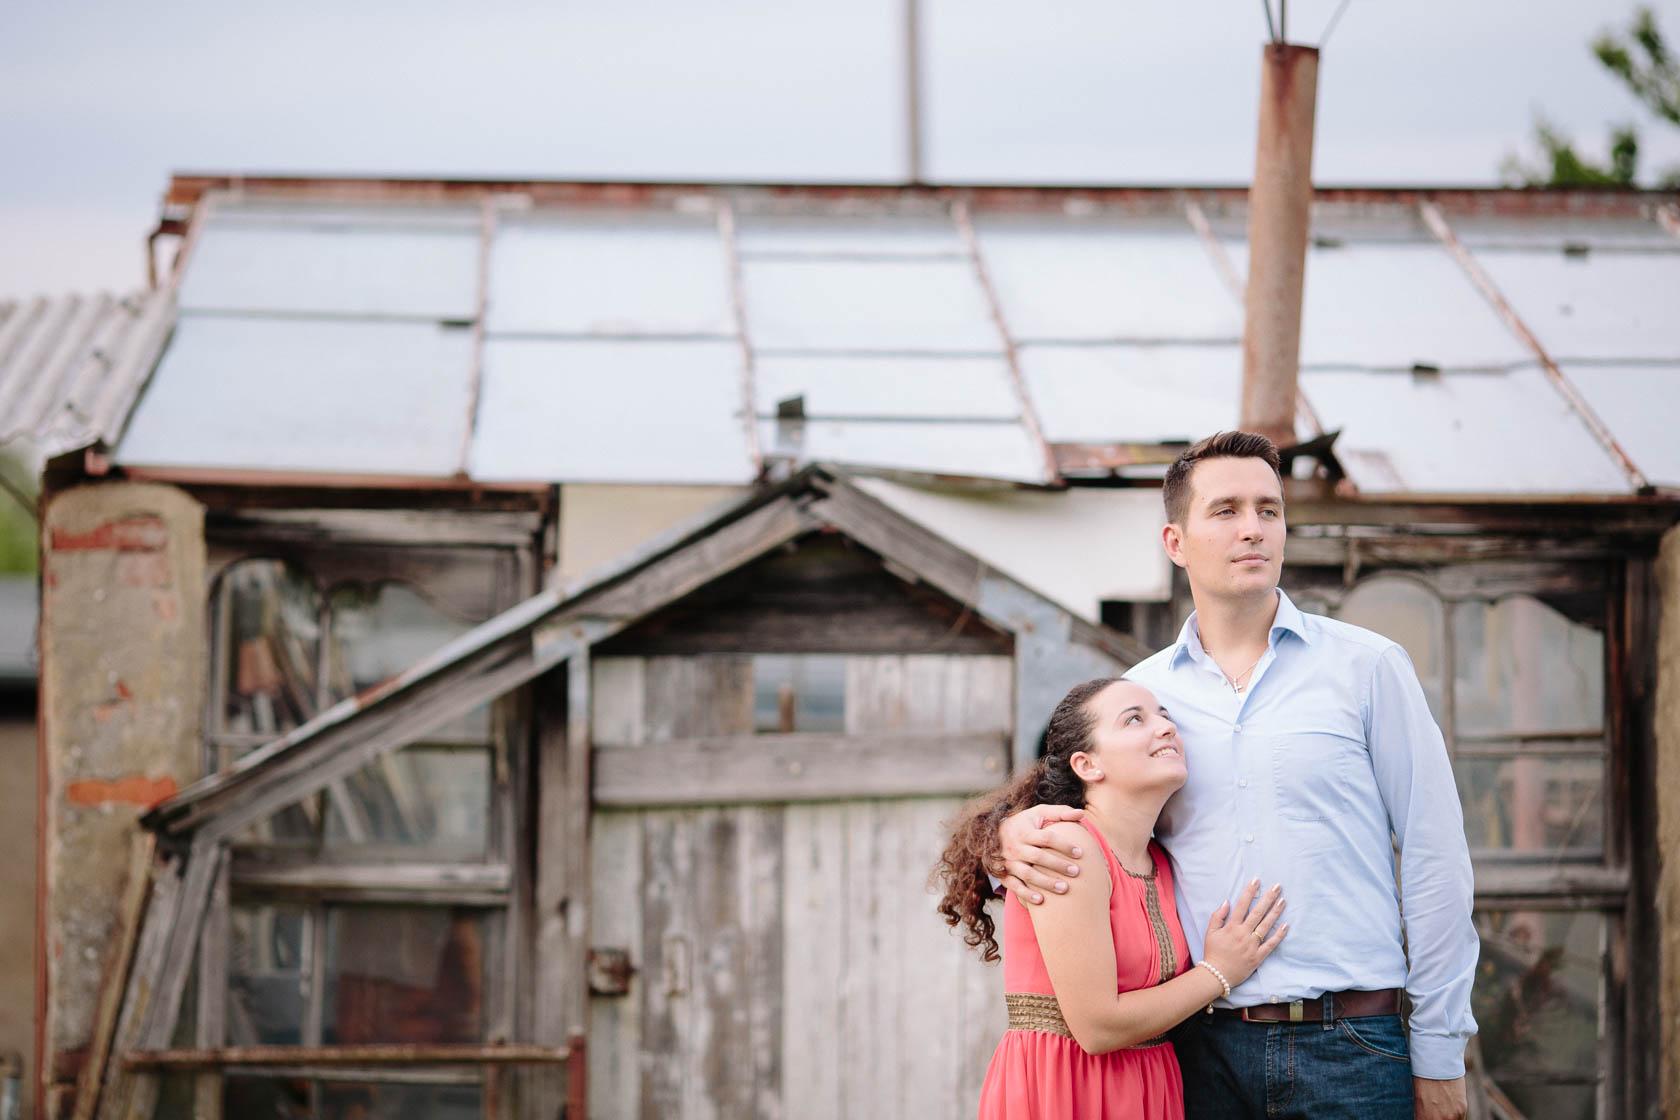 Engagement Fotoshooting von Laura und Viktor in Karlsbad Paarfoto vor altem Gewächshaus